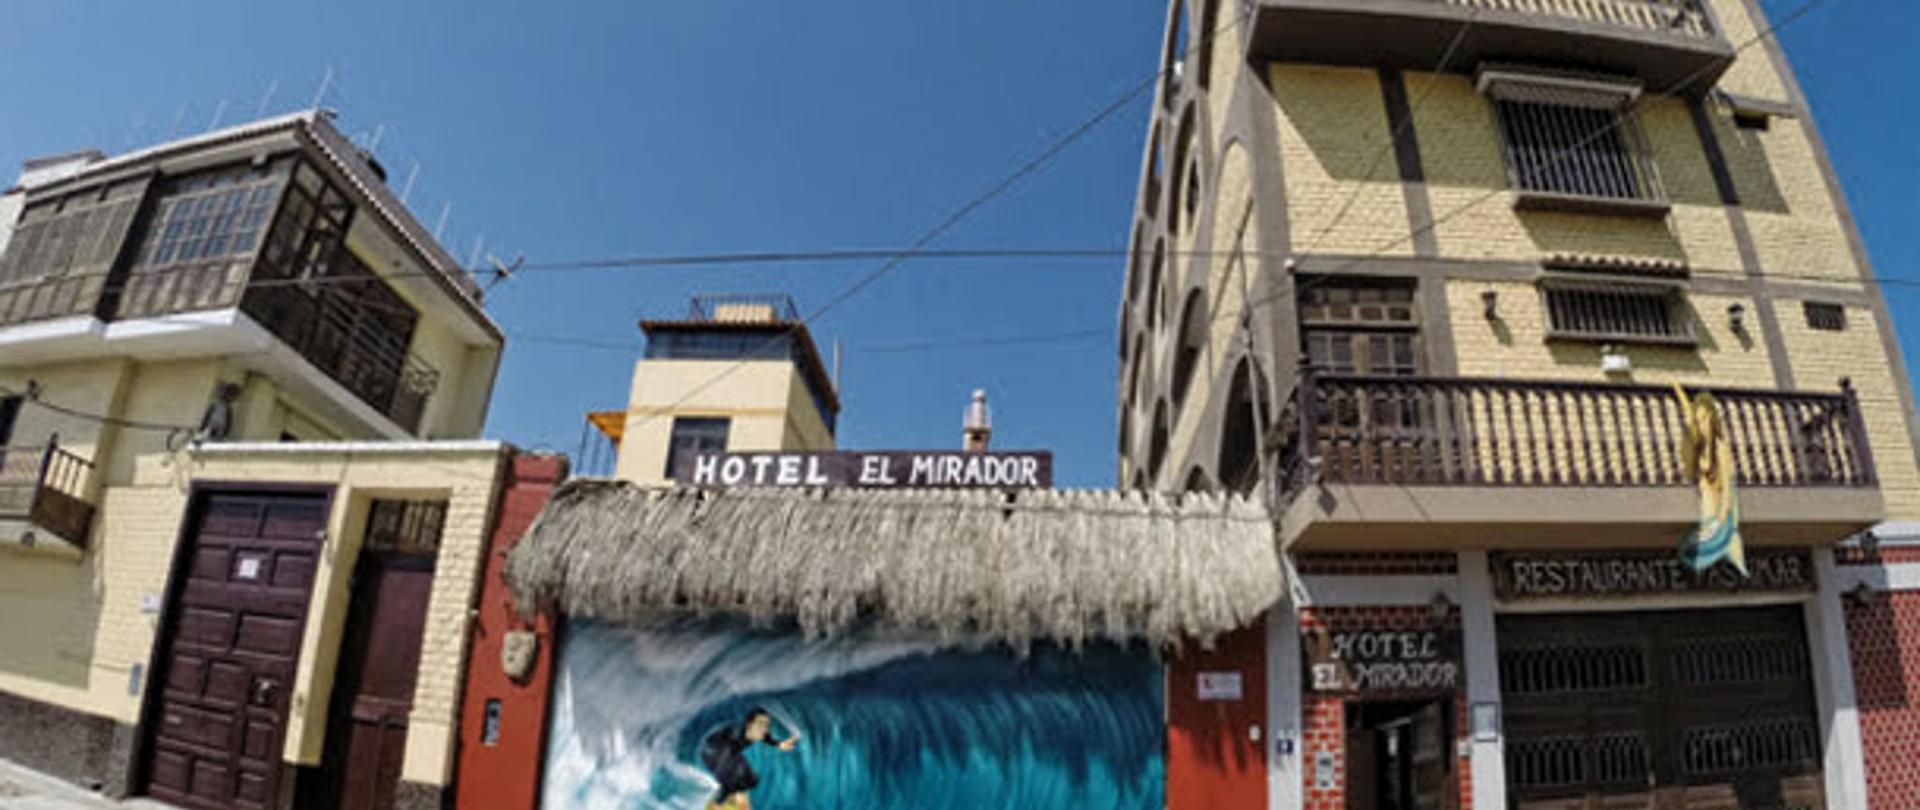 Hotel el Mirador, Pacasmayo Perú, Hostales Pacasmayo, Hostel Pacasmayo, Hospedaje Pacasmayo, Lugares Turísticos Pacasmayo, Hostal Pacasmayo, Hostal Hotel el Mirador, Hospedaje Hotel el Mirador 13.jpg